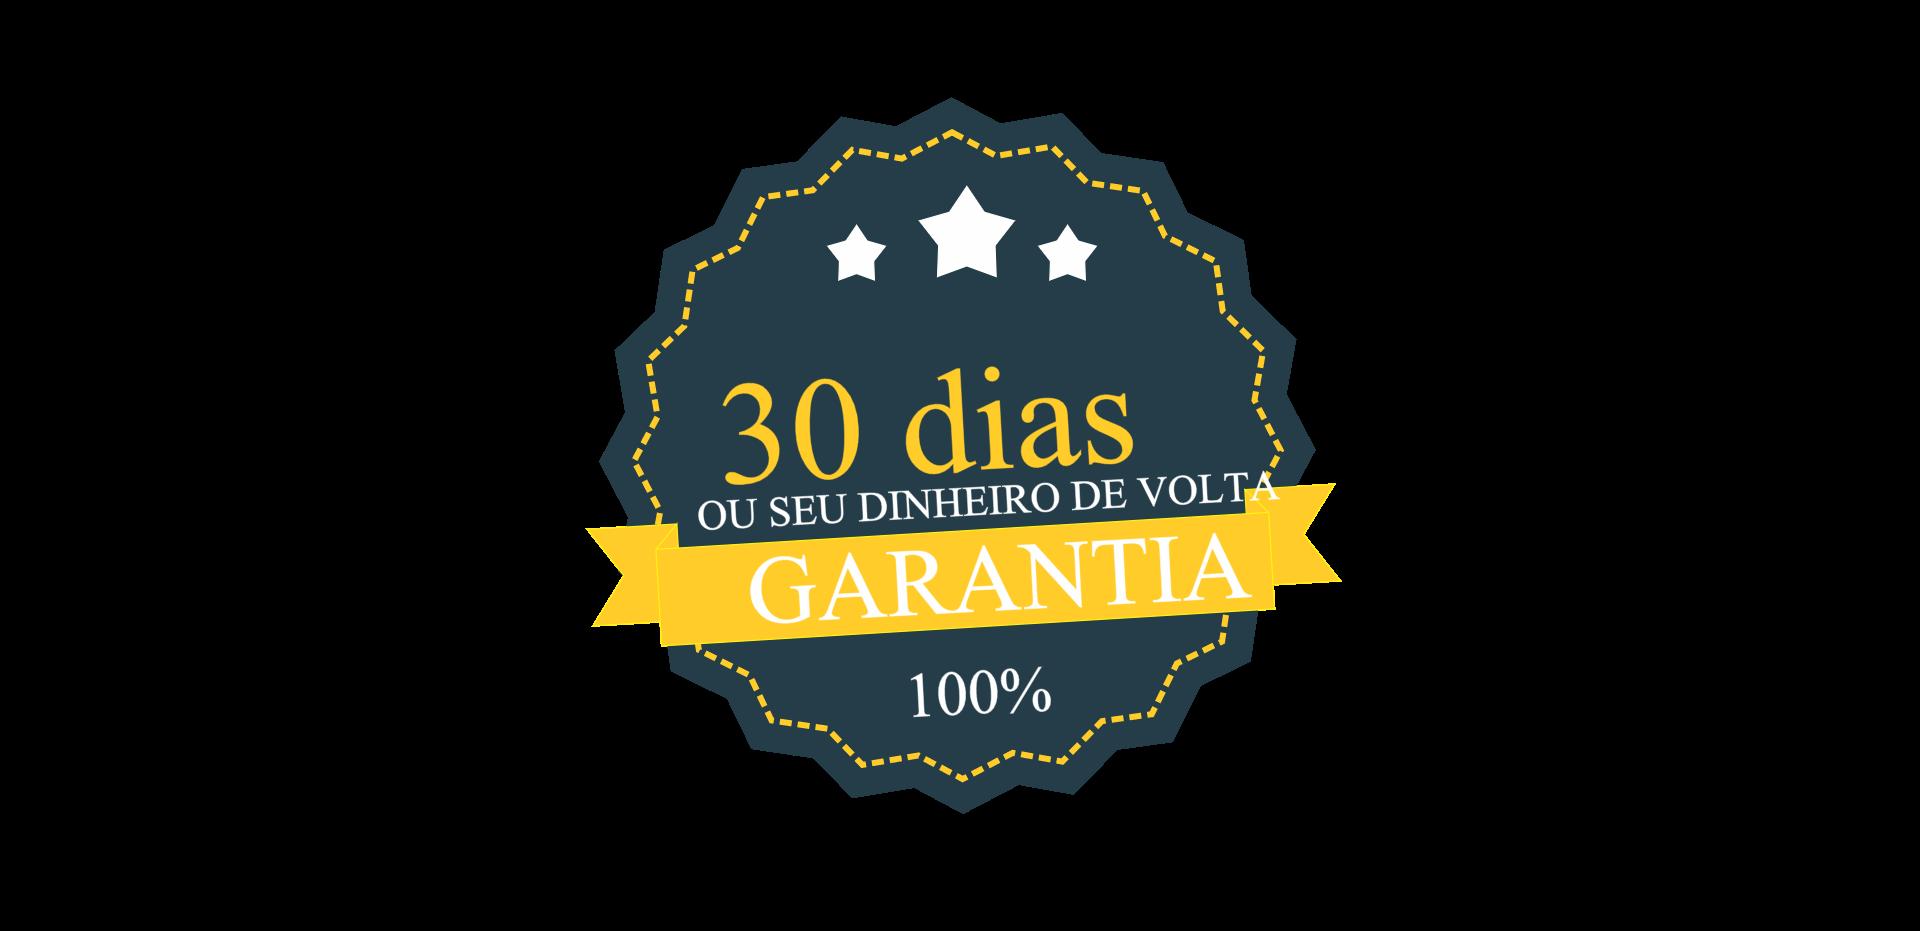 30 dias de garantia